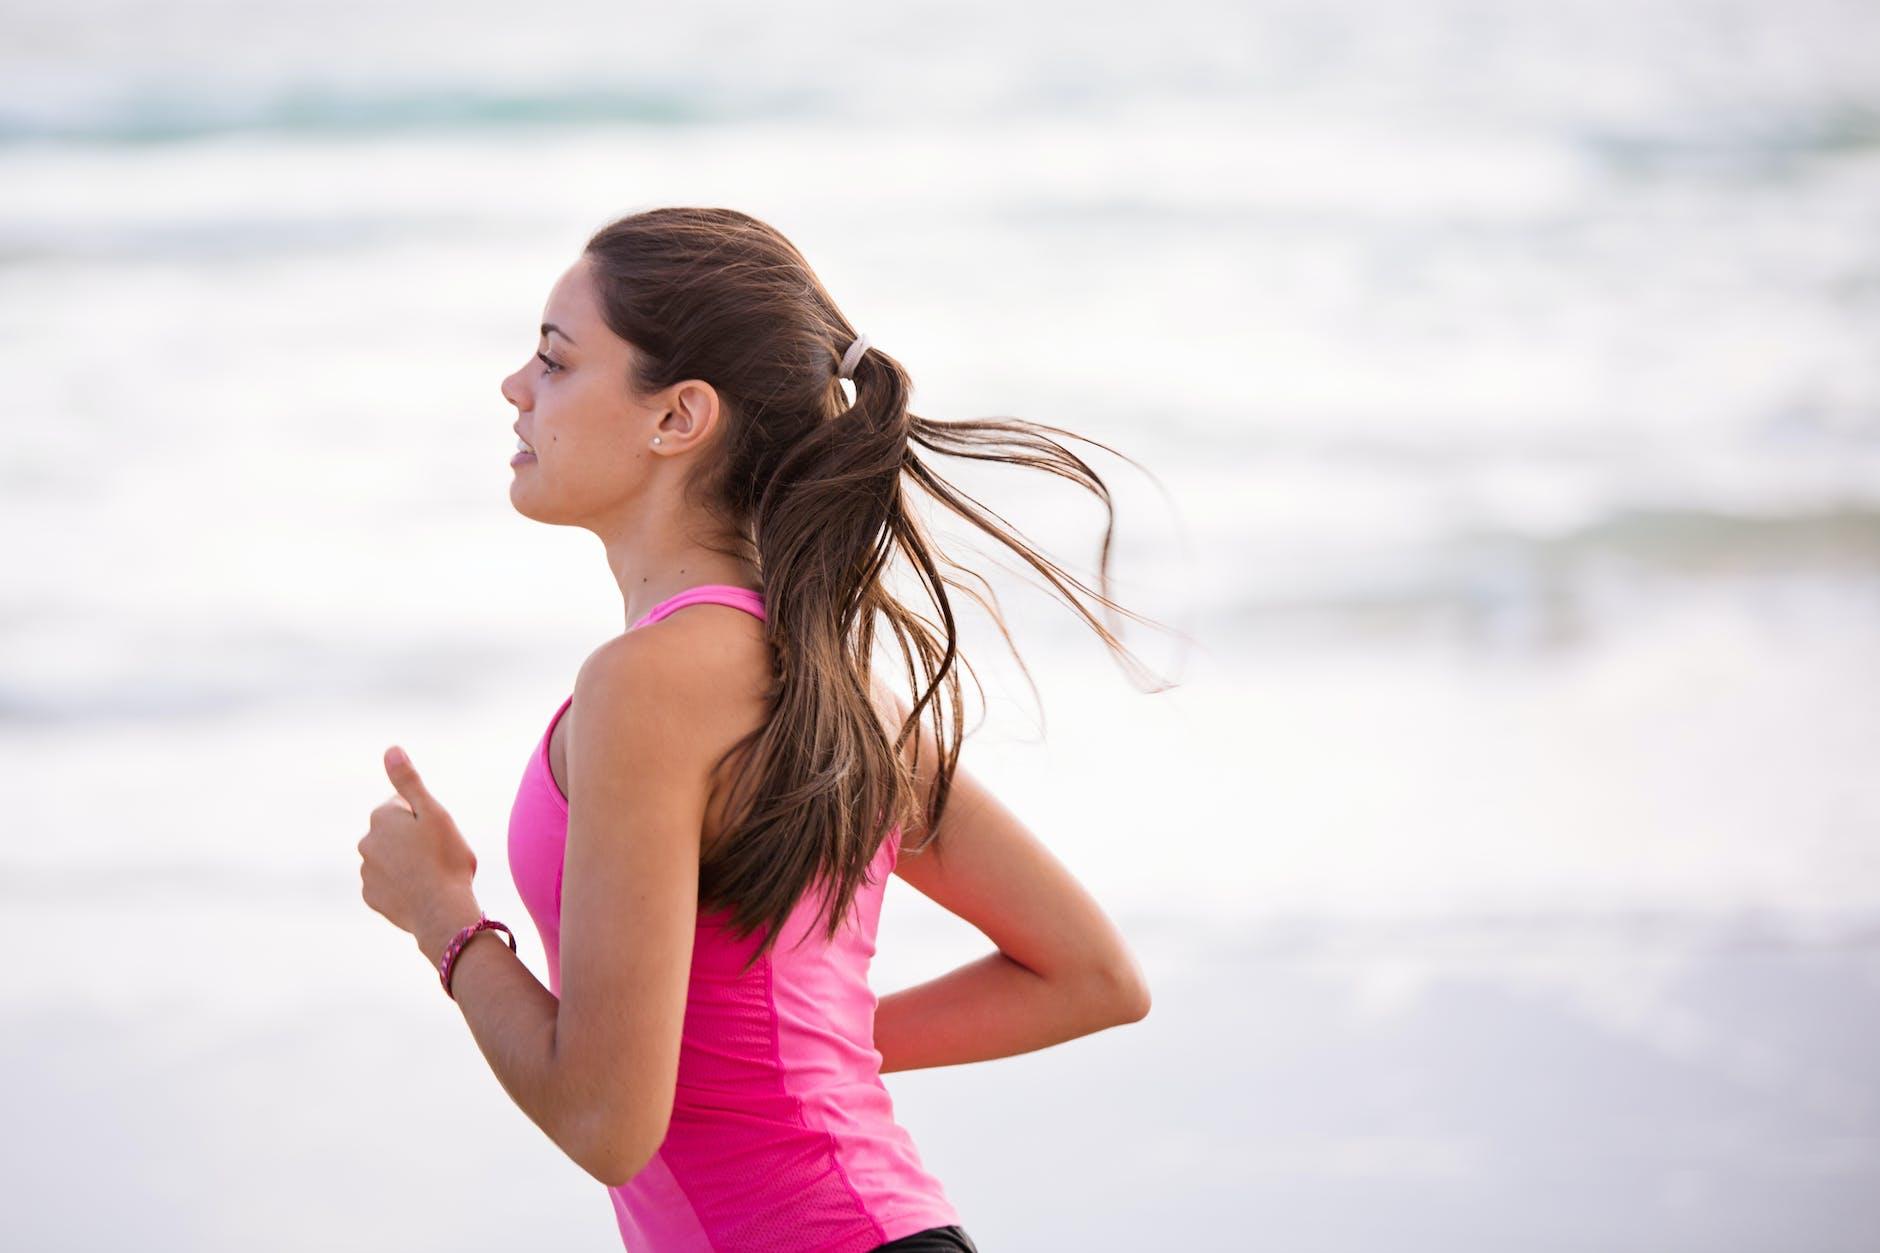 bodybuilding.com weight loss affiliate program